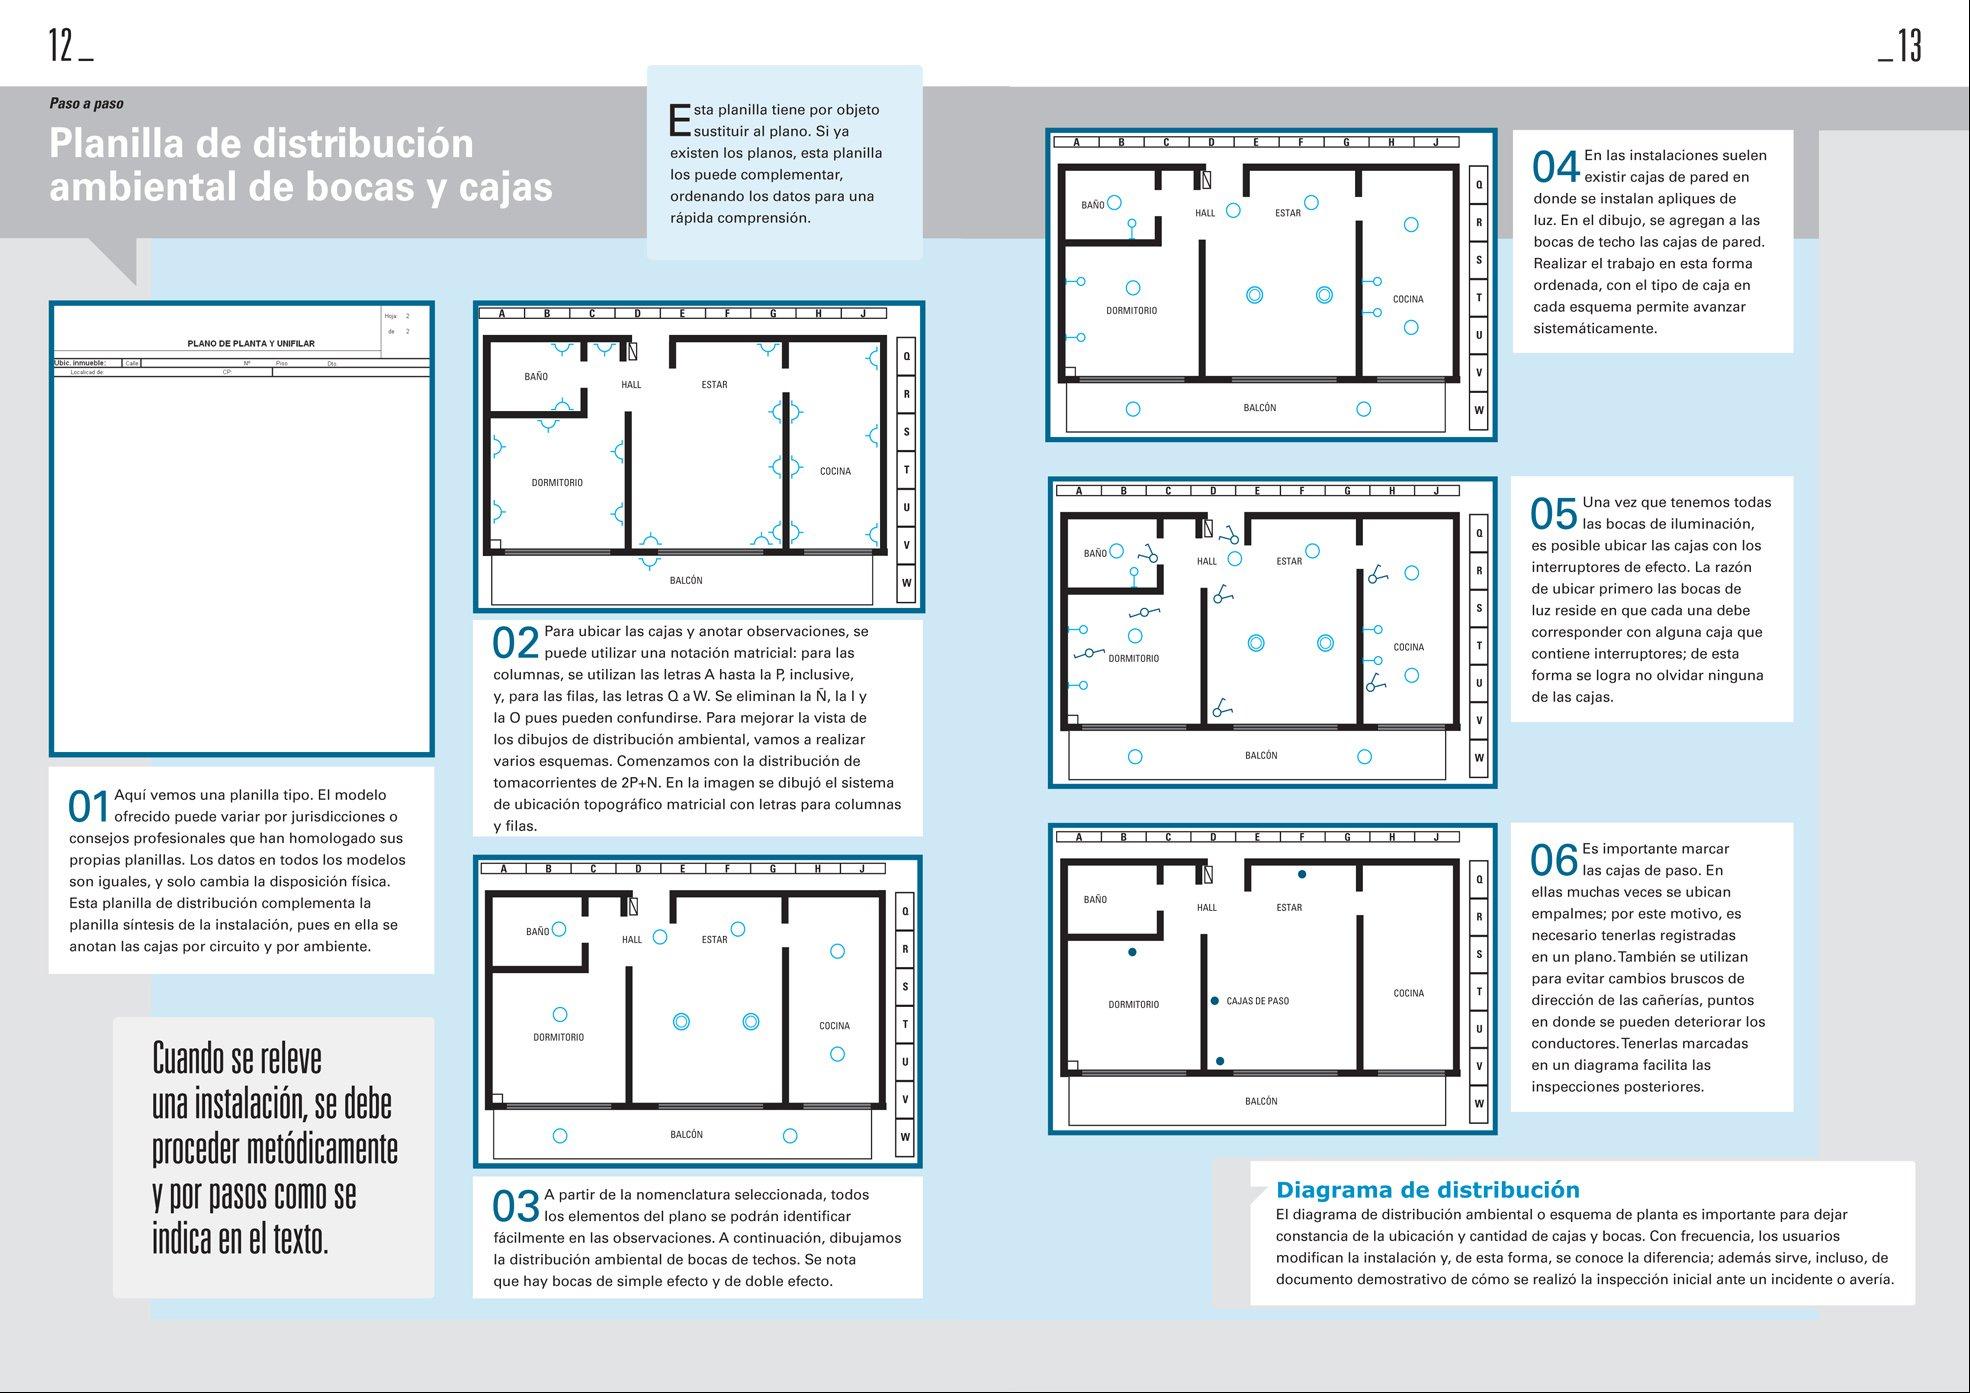 Electricidad - Técnico electricista - 2da. Edición (Spanish Edition): USERS Staff, USERS, Electricidad, Electricity, Español: 9789874651846: Amazon.com: ...